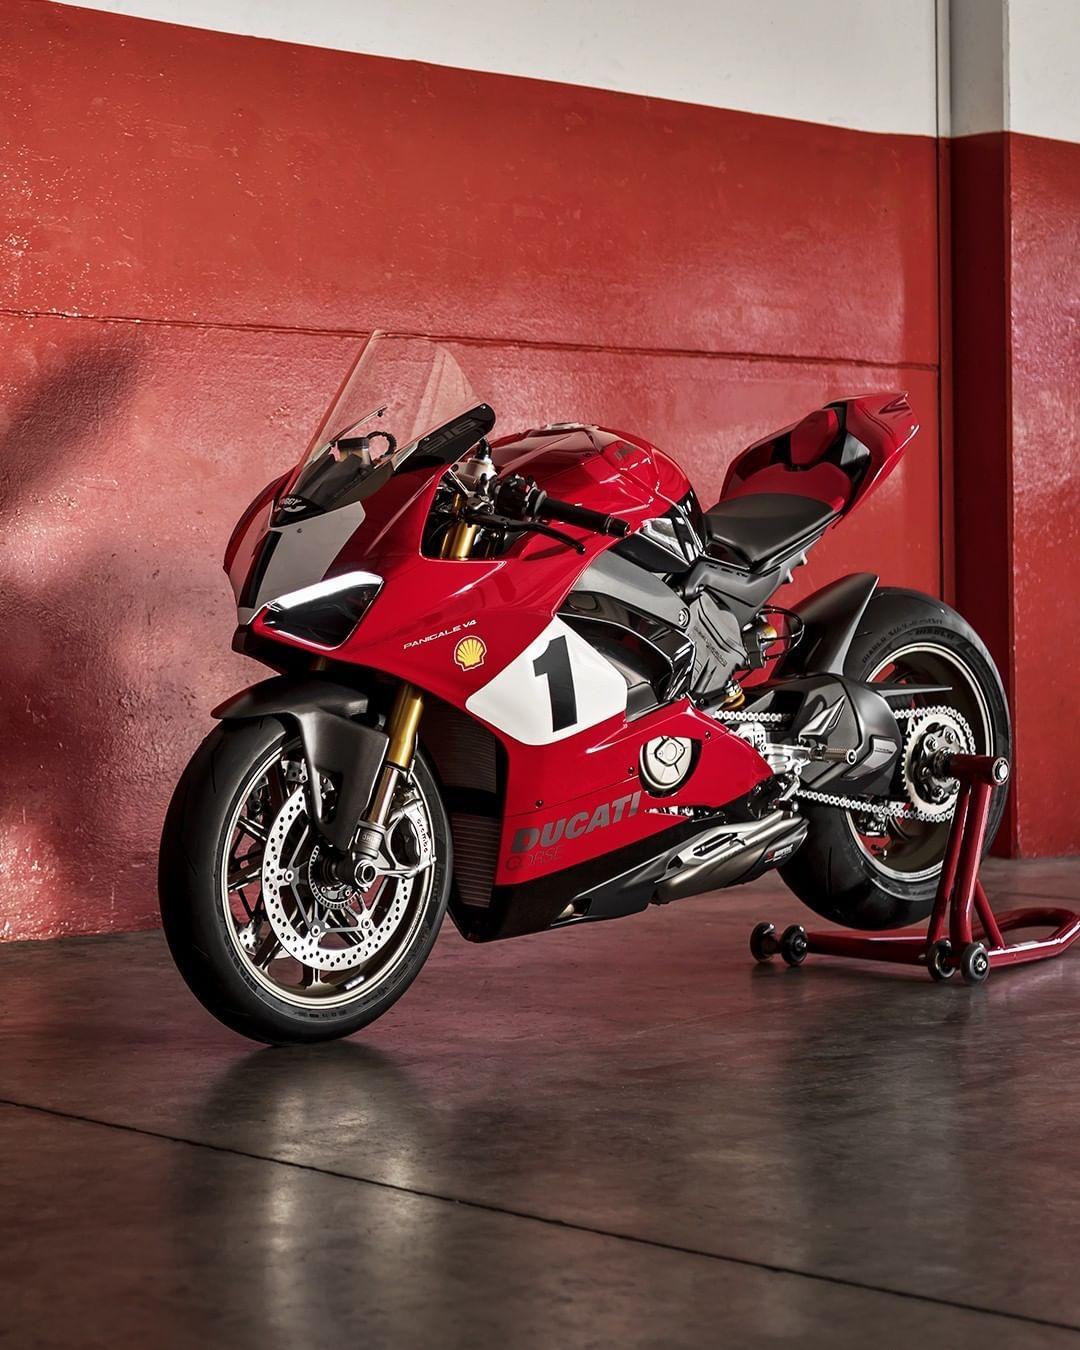 56 Tis Vpodoban 152 Komentariv Ducati Motor Holding Ducati V Instagram The New Panigale V4 25 Anniversario 916 Is In 2020 Ducati Ducati Panigale Moto Ducati